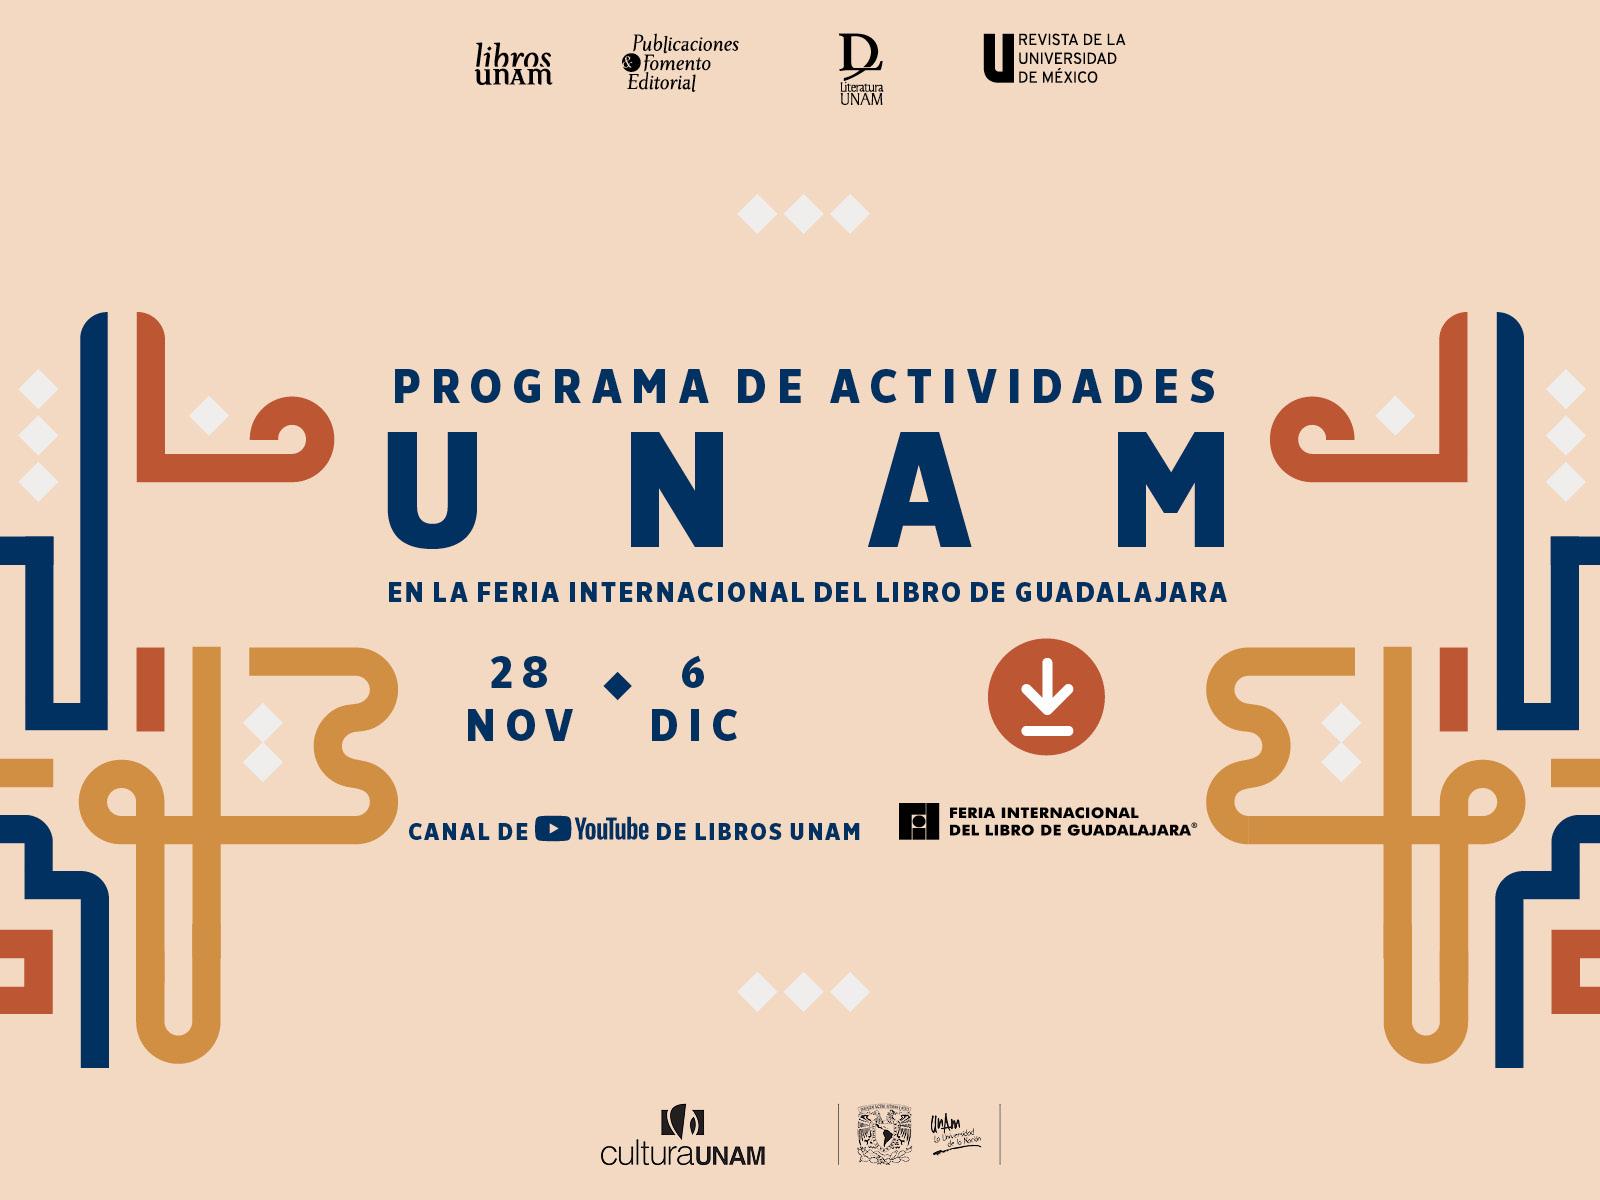 Programa de Libros UNAM en la FIL Guadalajara 2020